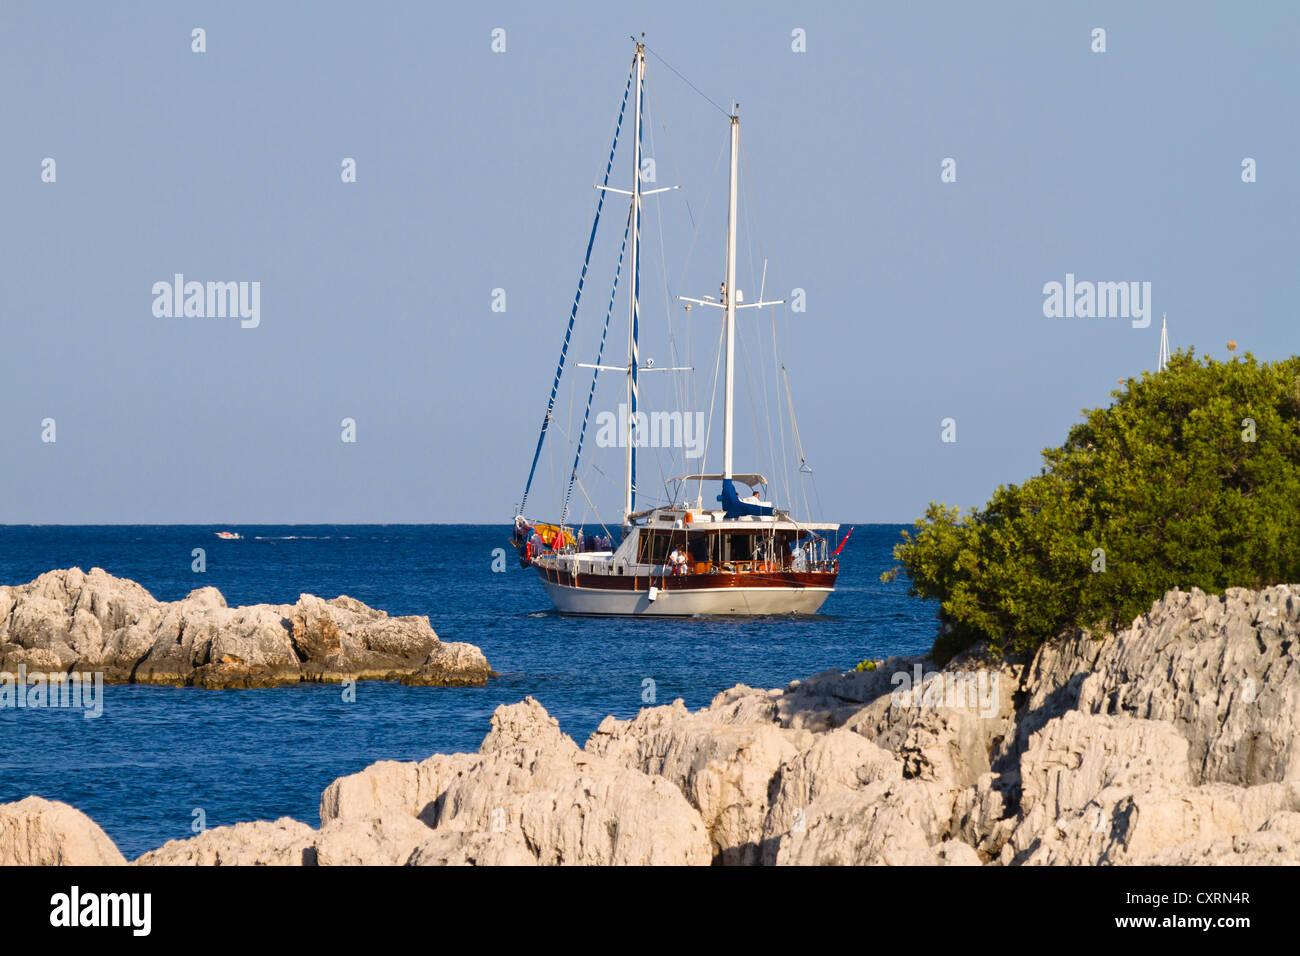 Barco a vela, navegando a lo largo de la costa de Licio, Licia, el Mar Mediterráneo, Turquía, Asia Menor Imagen De Stock